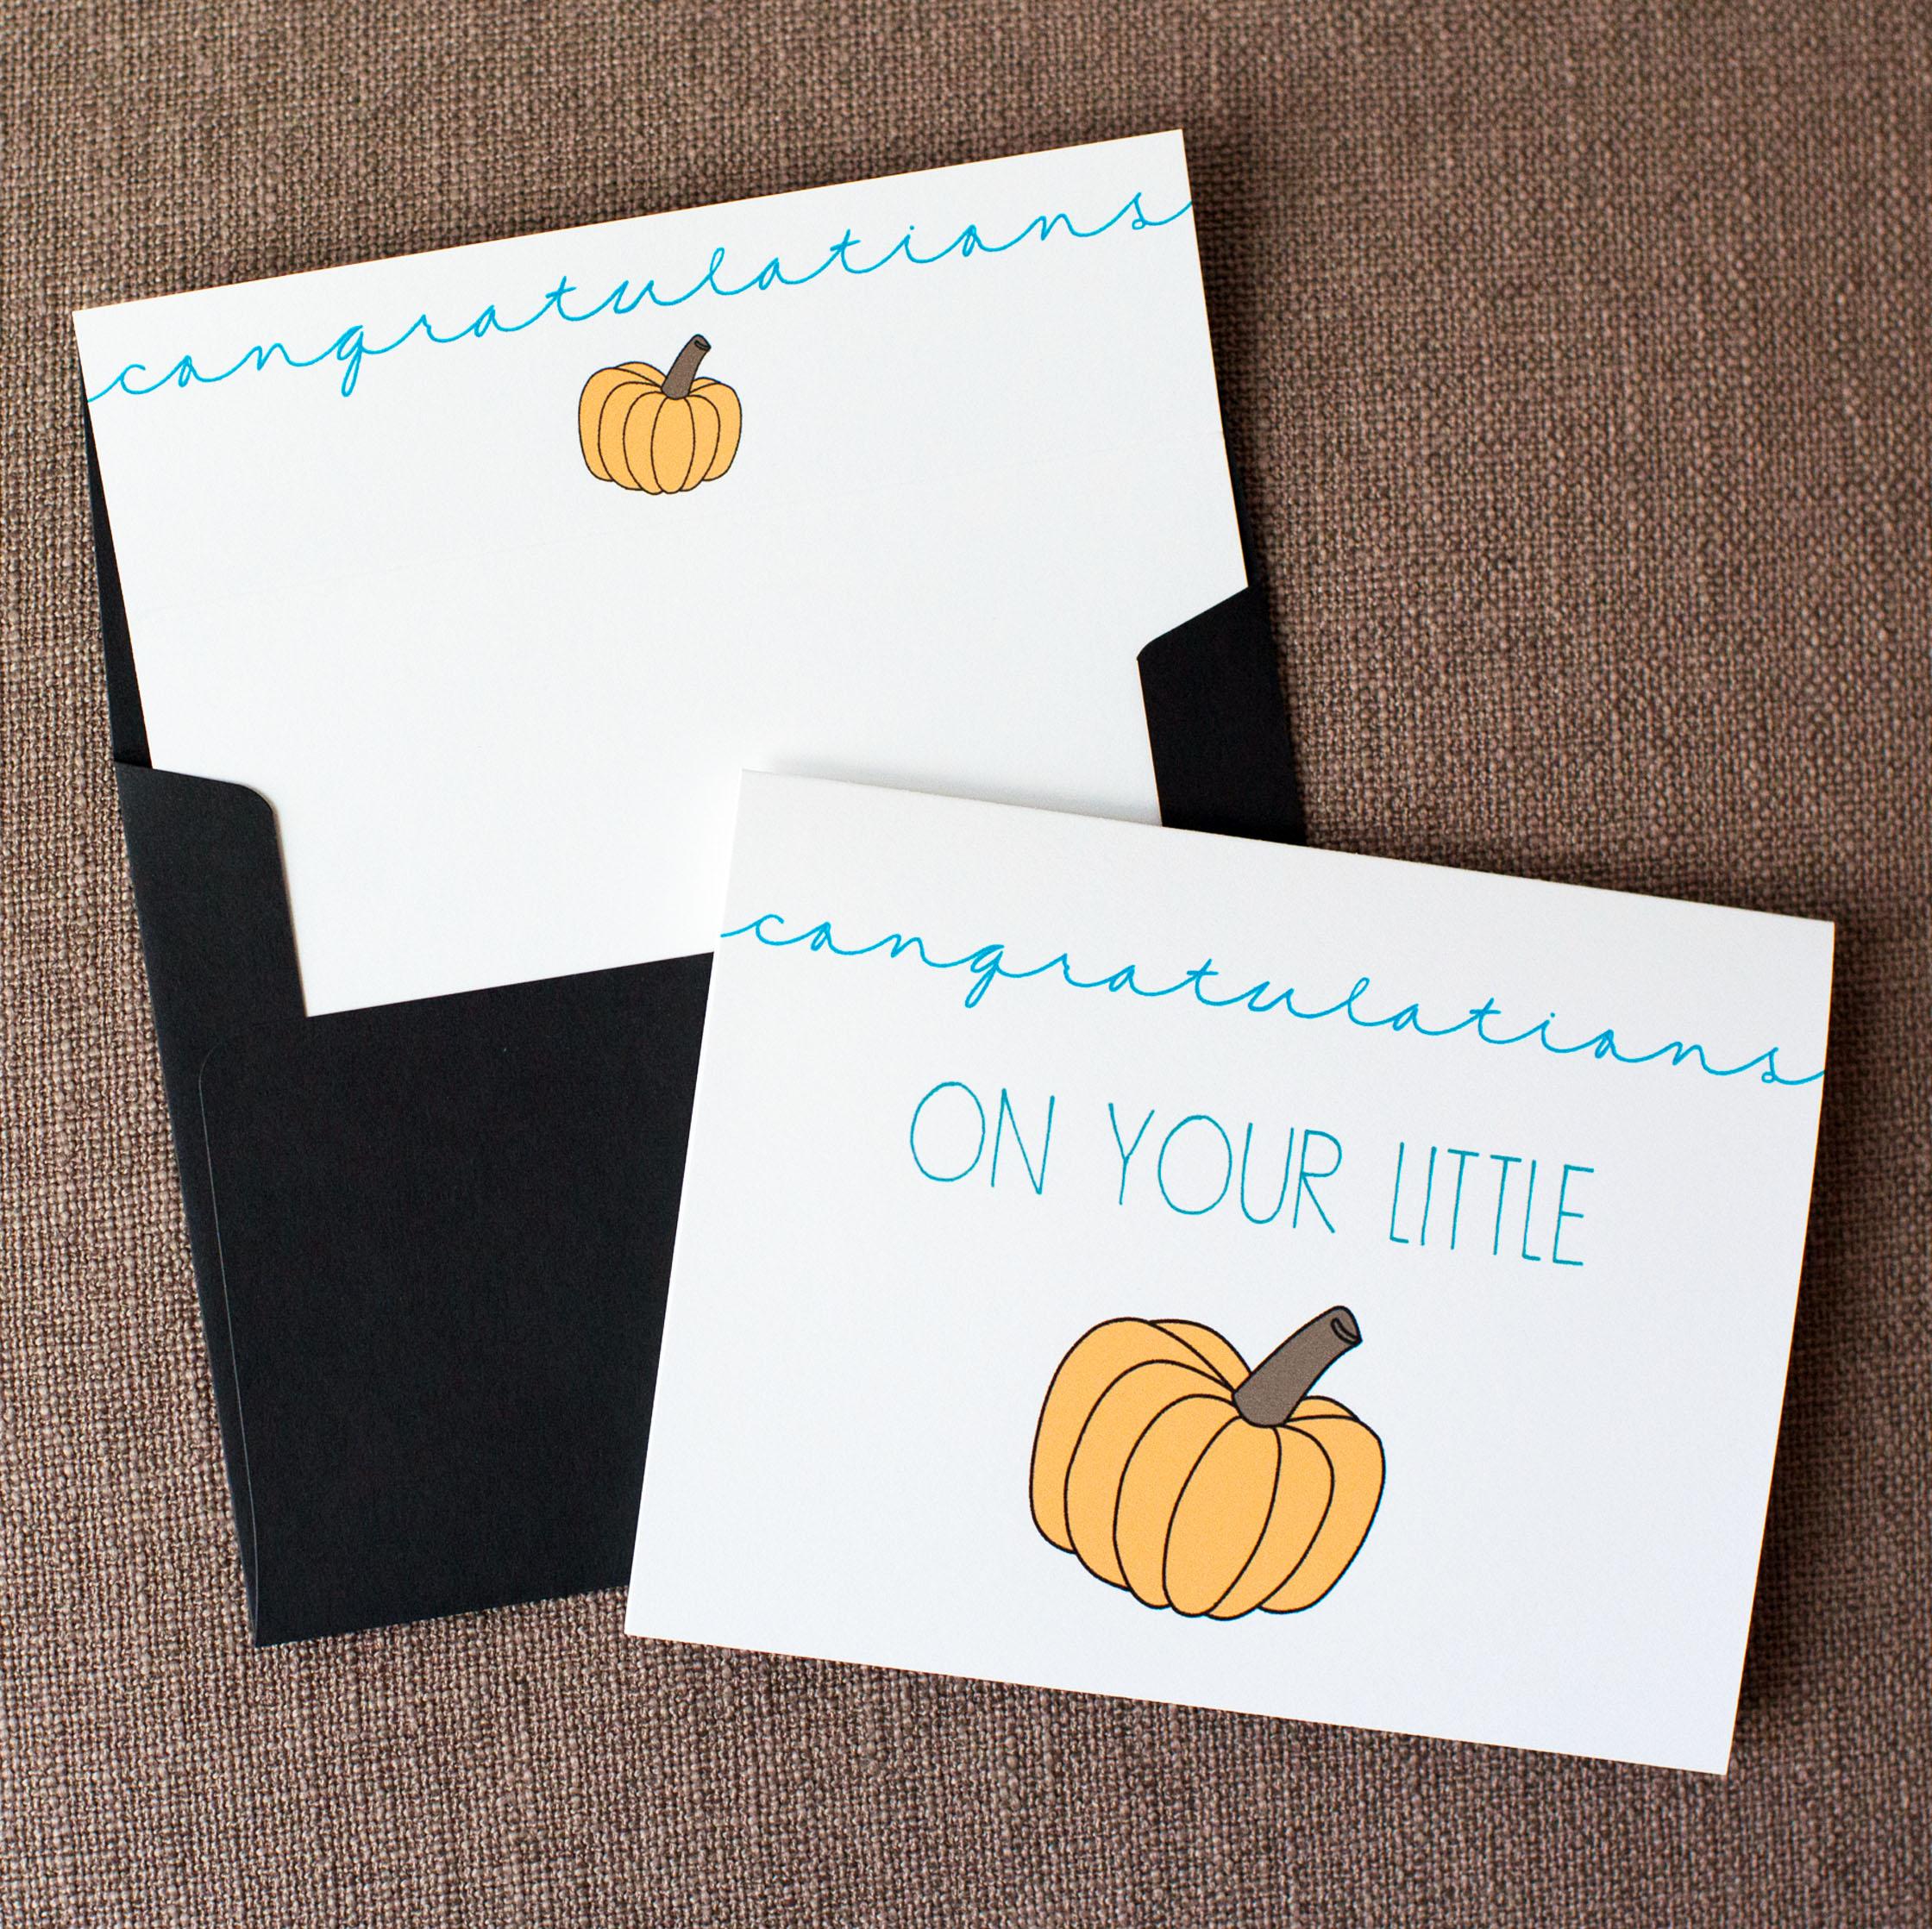 Congratulations On Your Little Pumpkin - Blue Card